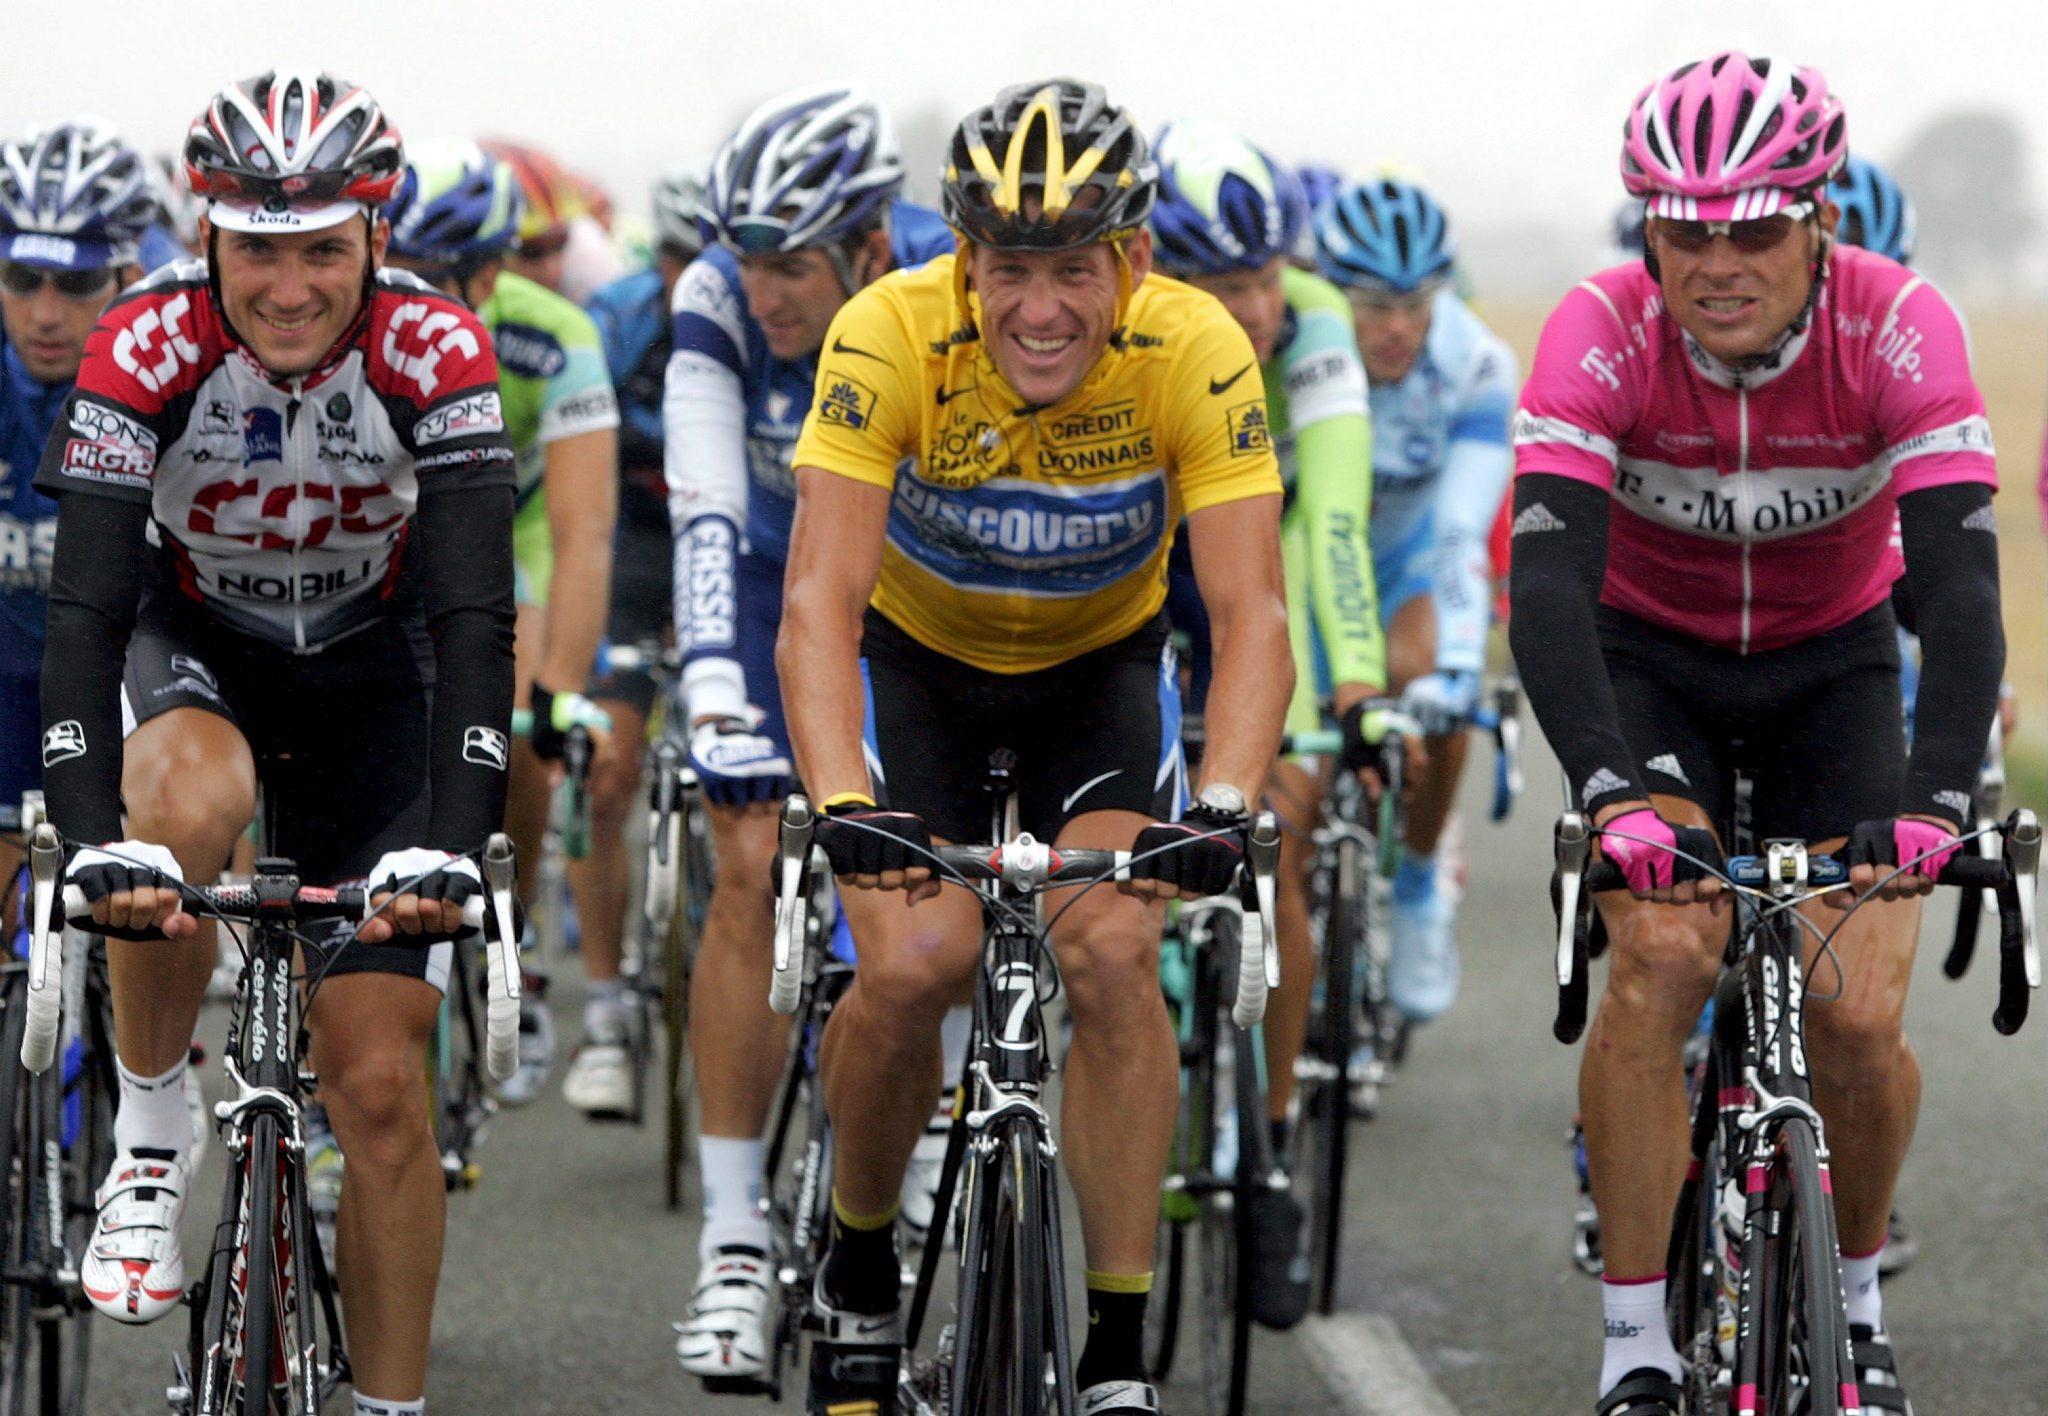 Tour de France 2010 : Vidéo 3D des Etapes du Tour de France